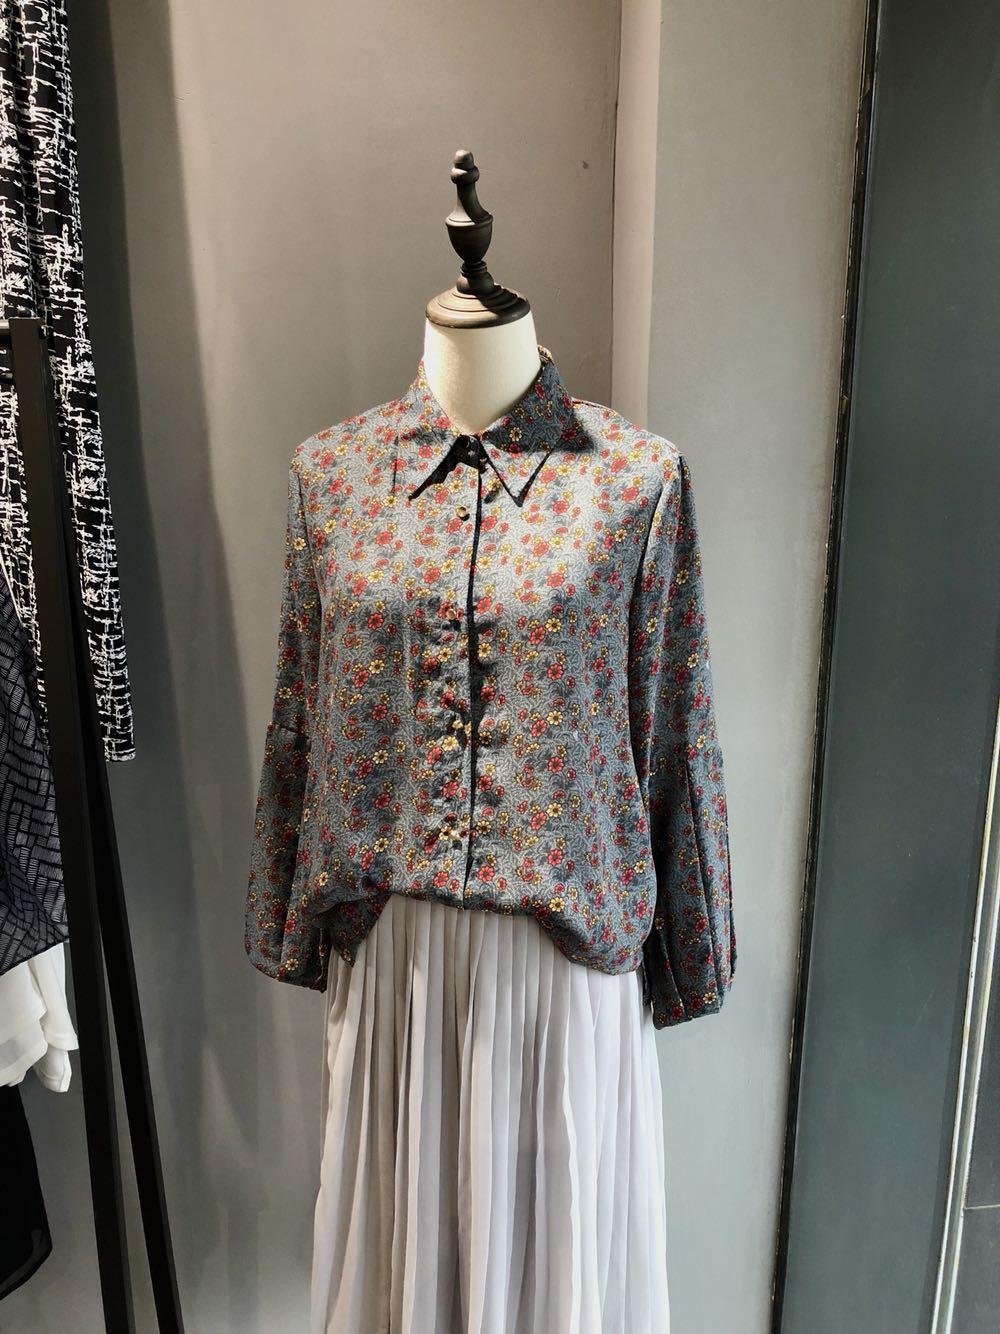 外贸公司品牌样衣 女花色时装袖管翻领复古特色衬衫 孤品